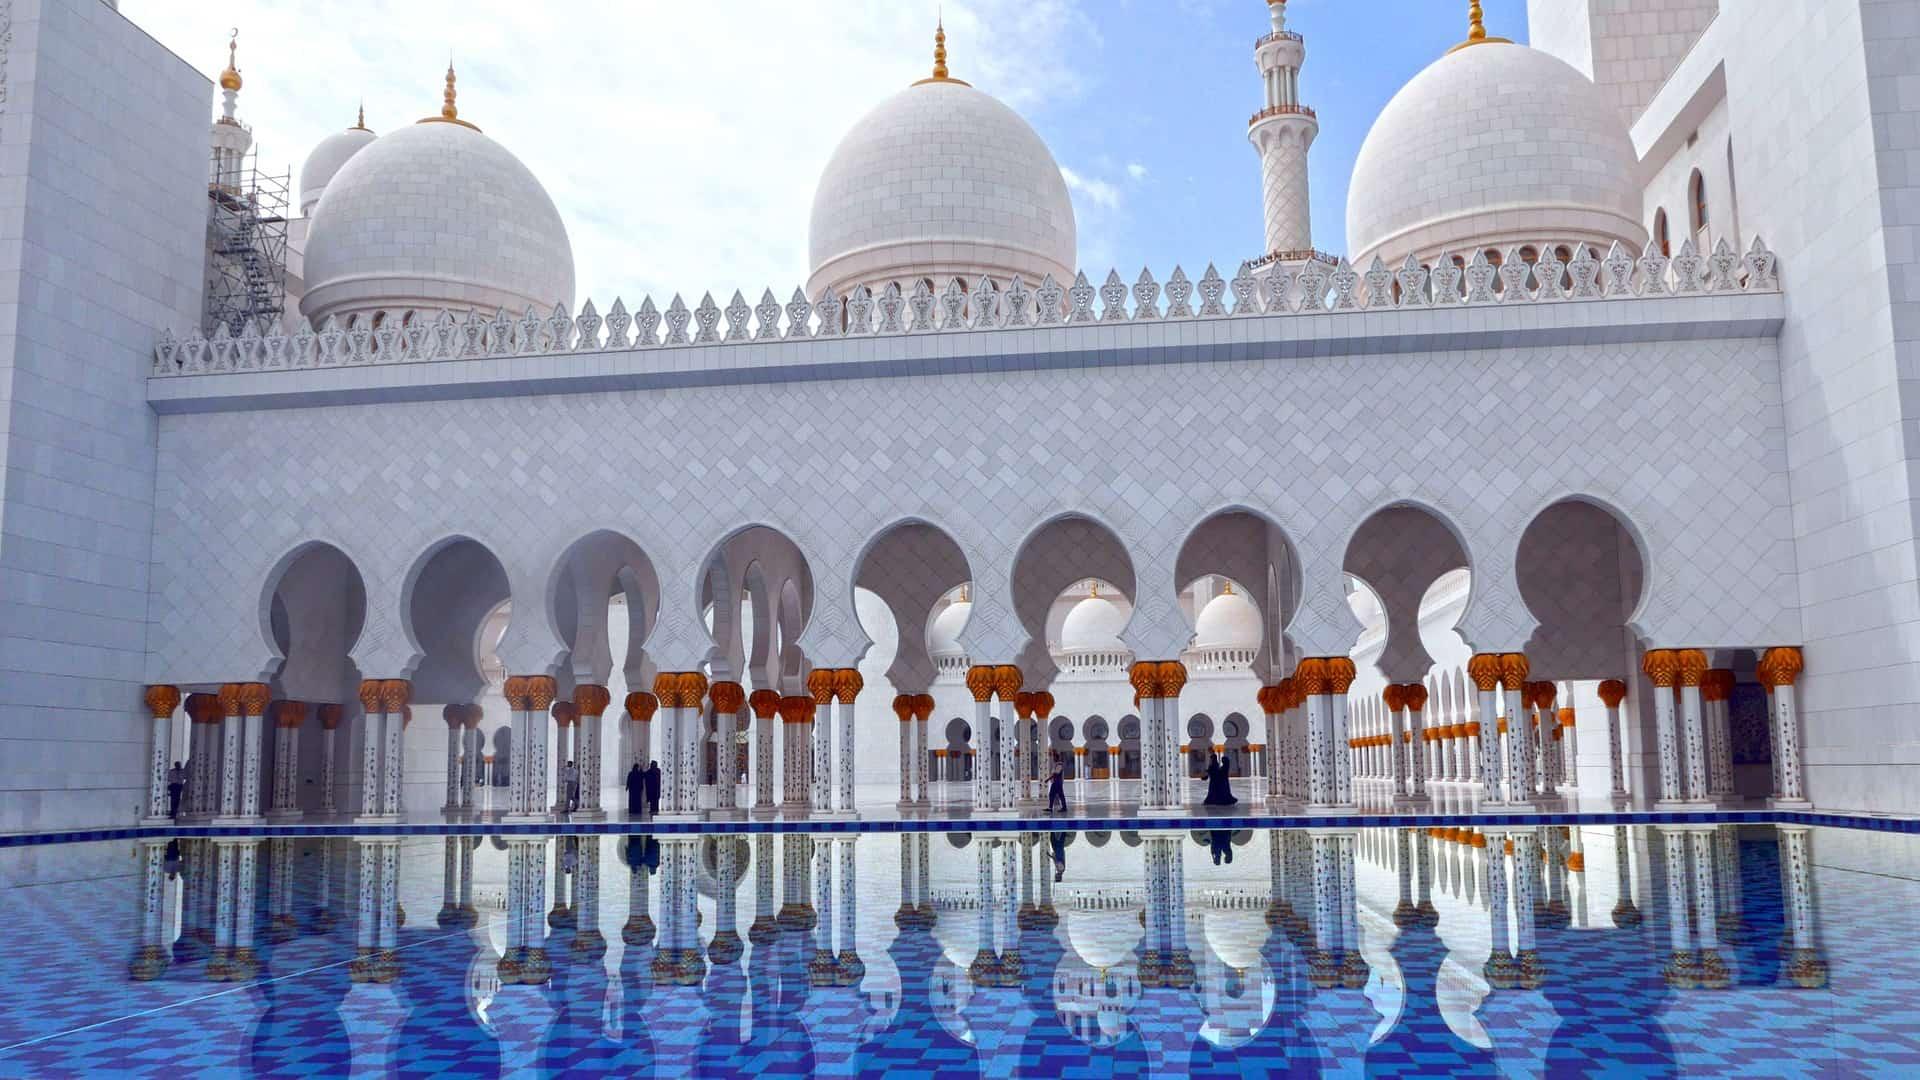 Abu Dhabi 1001 zwischen tradition und moderne Welt - Dubai Kreuzfahrt